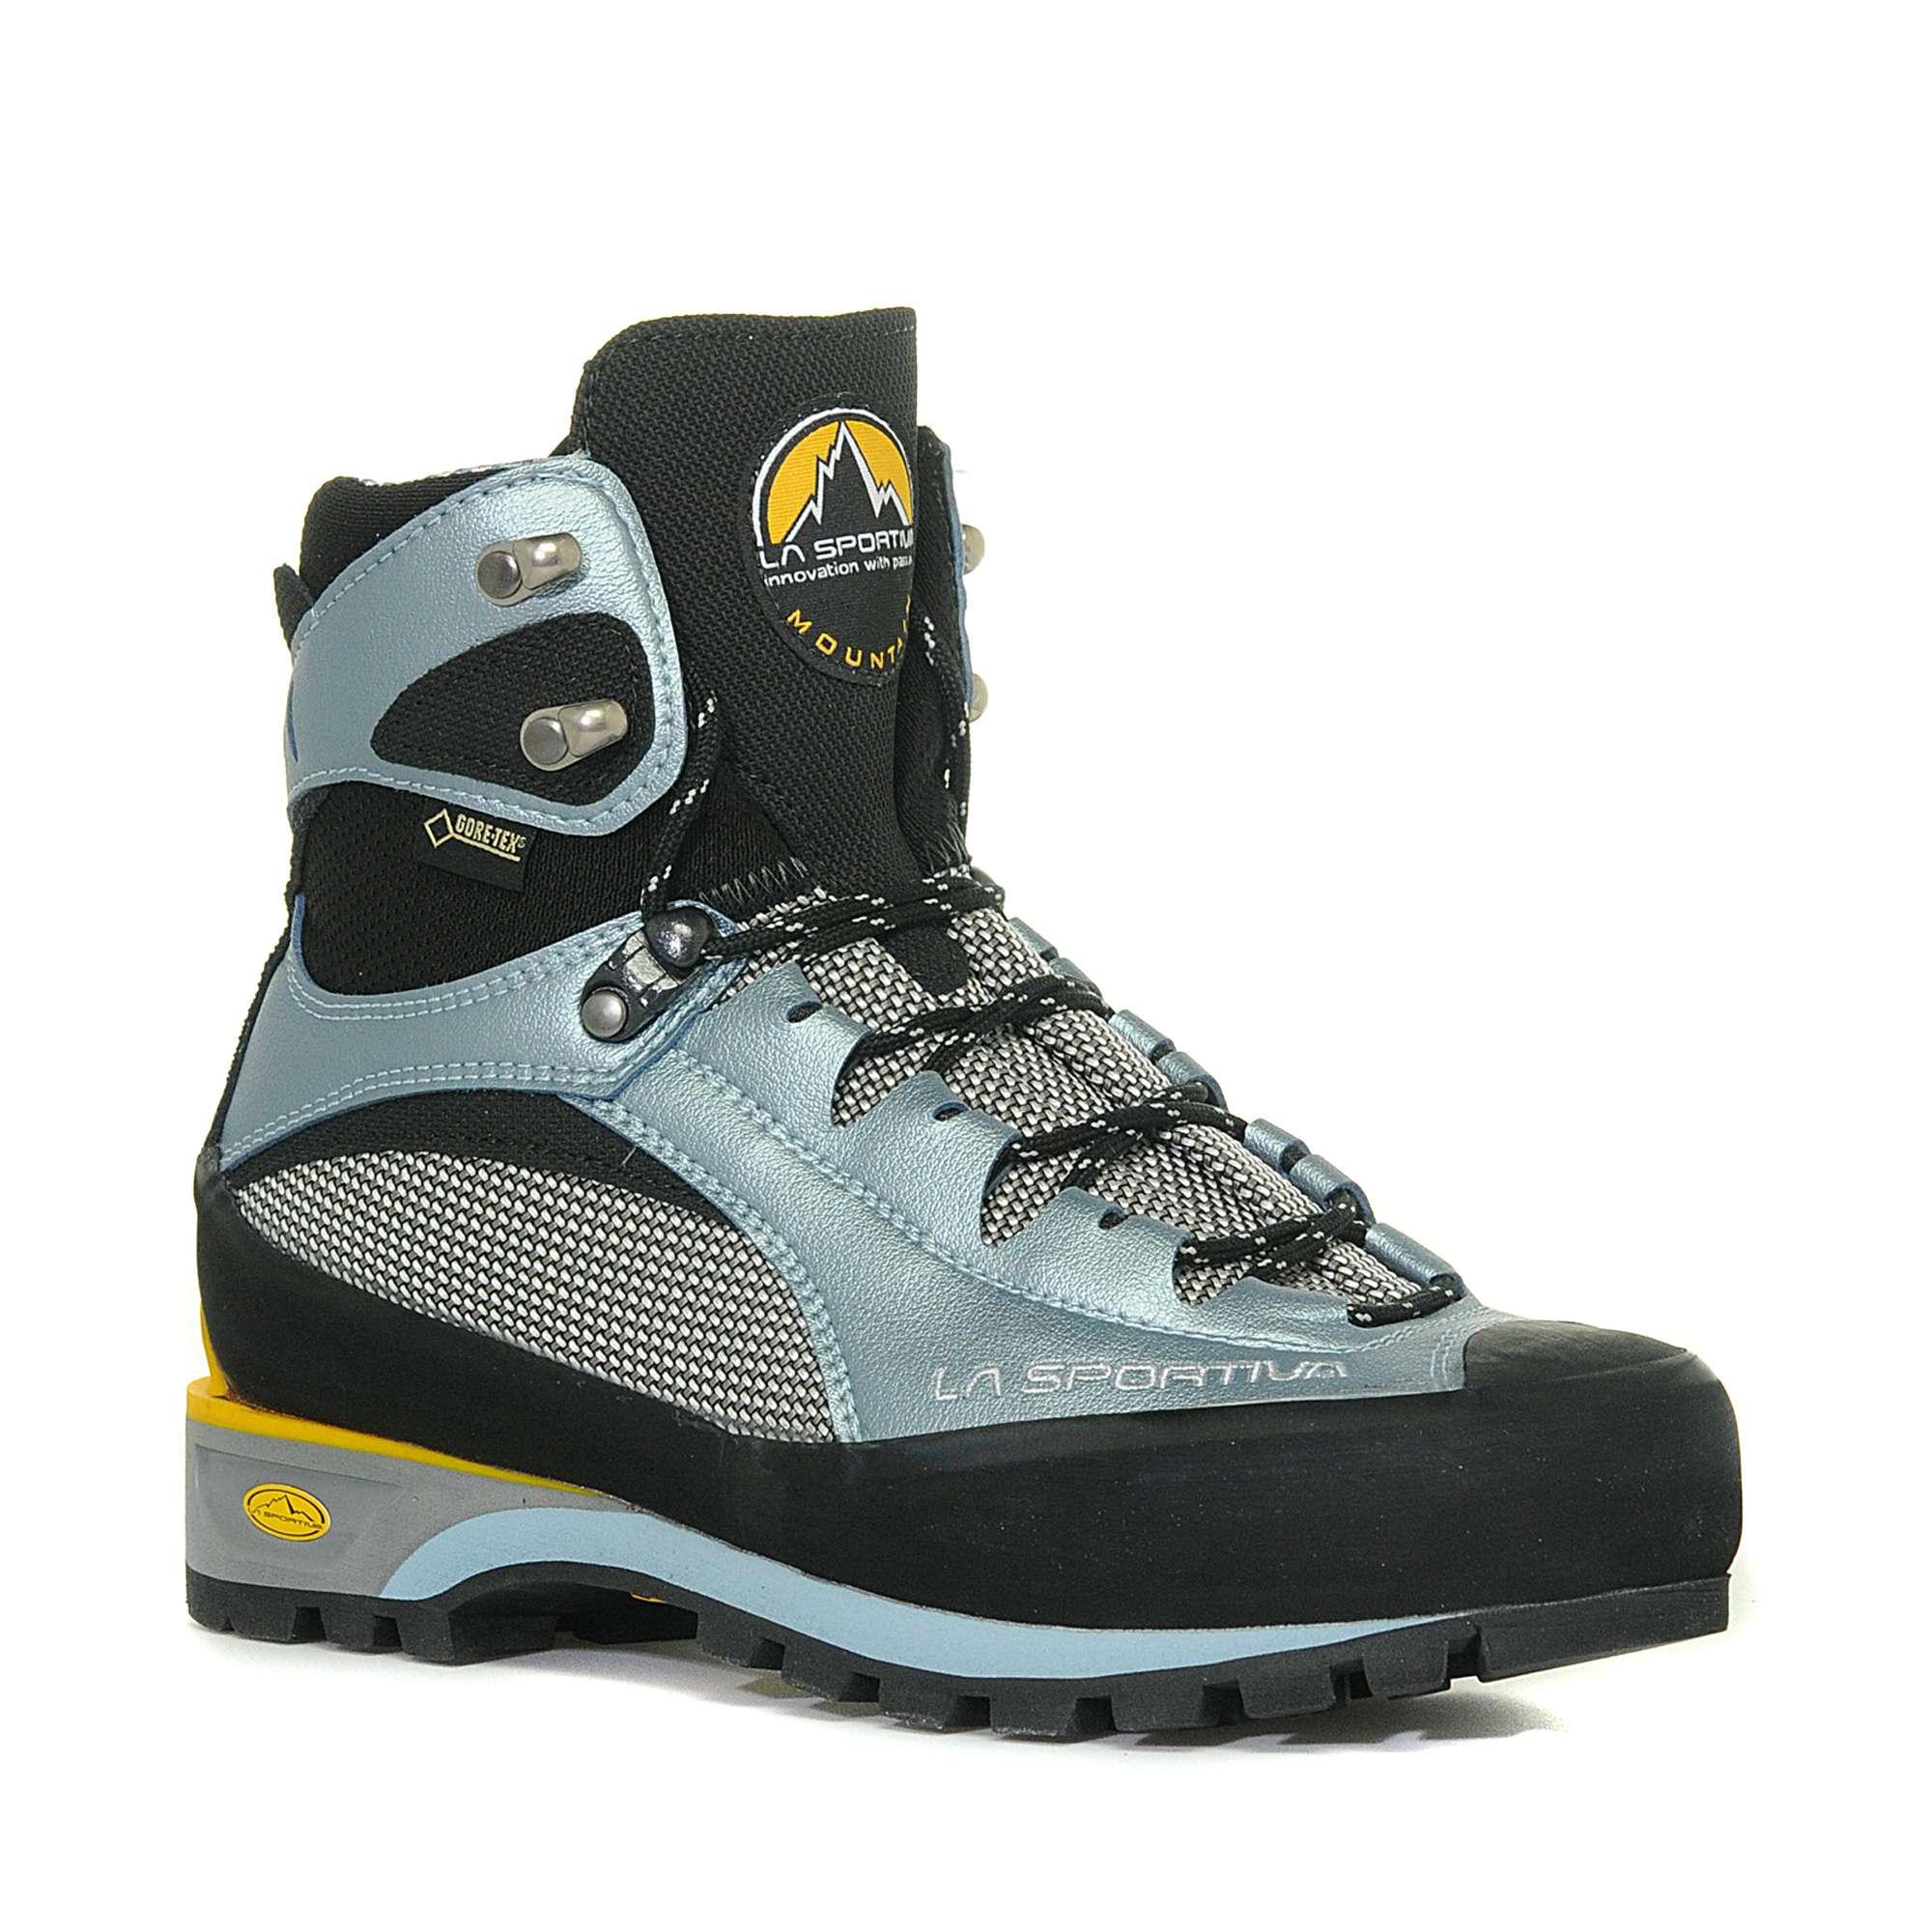 LA SPORTIVA Women's Trango S Evo GORE-TEX® Alpine Climbing Boot